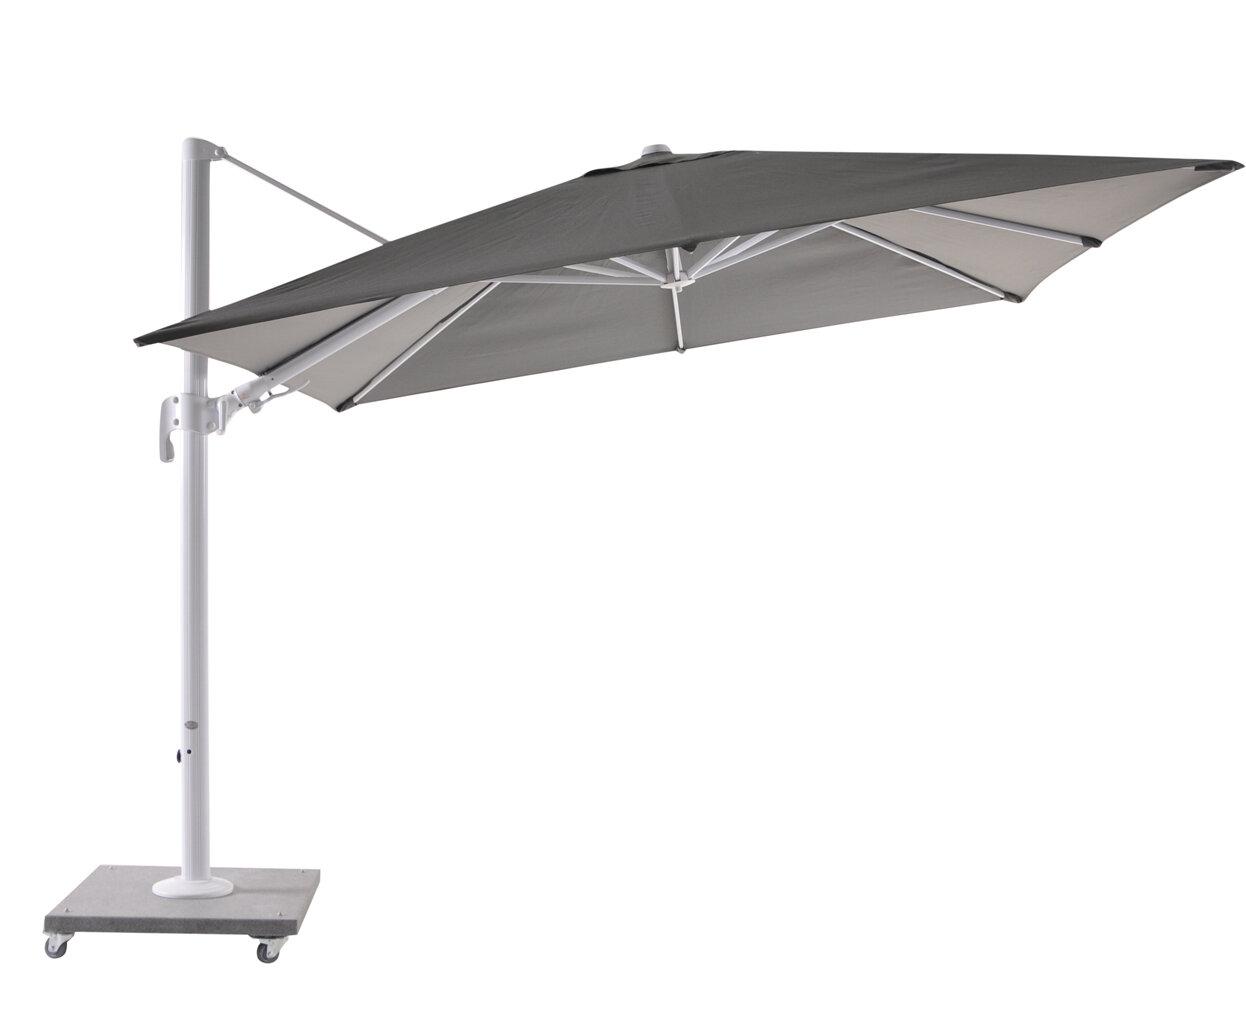 Sun parasols block as modern accessory